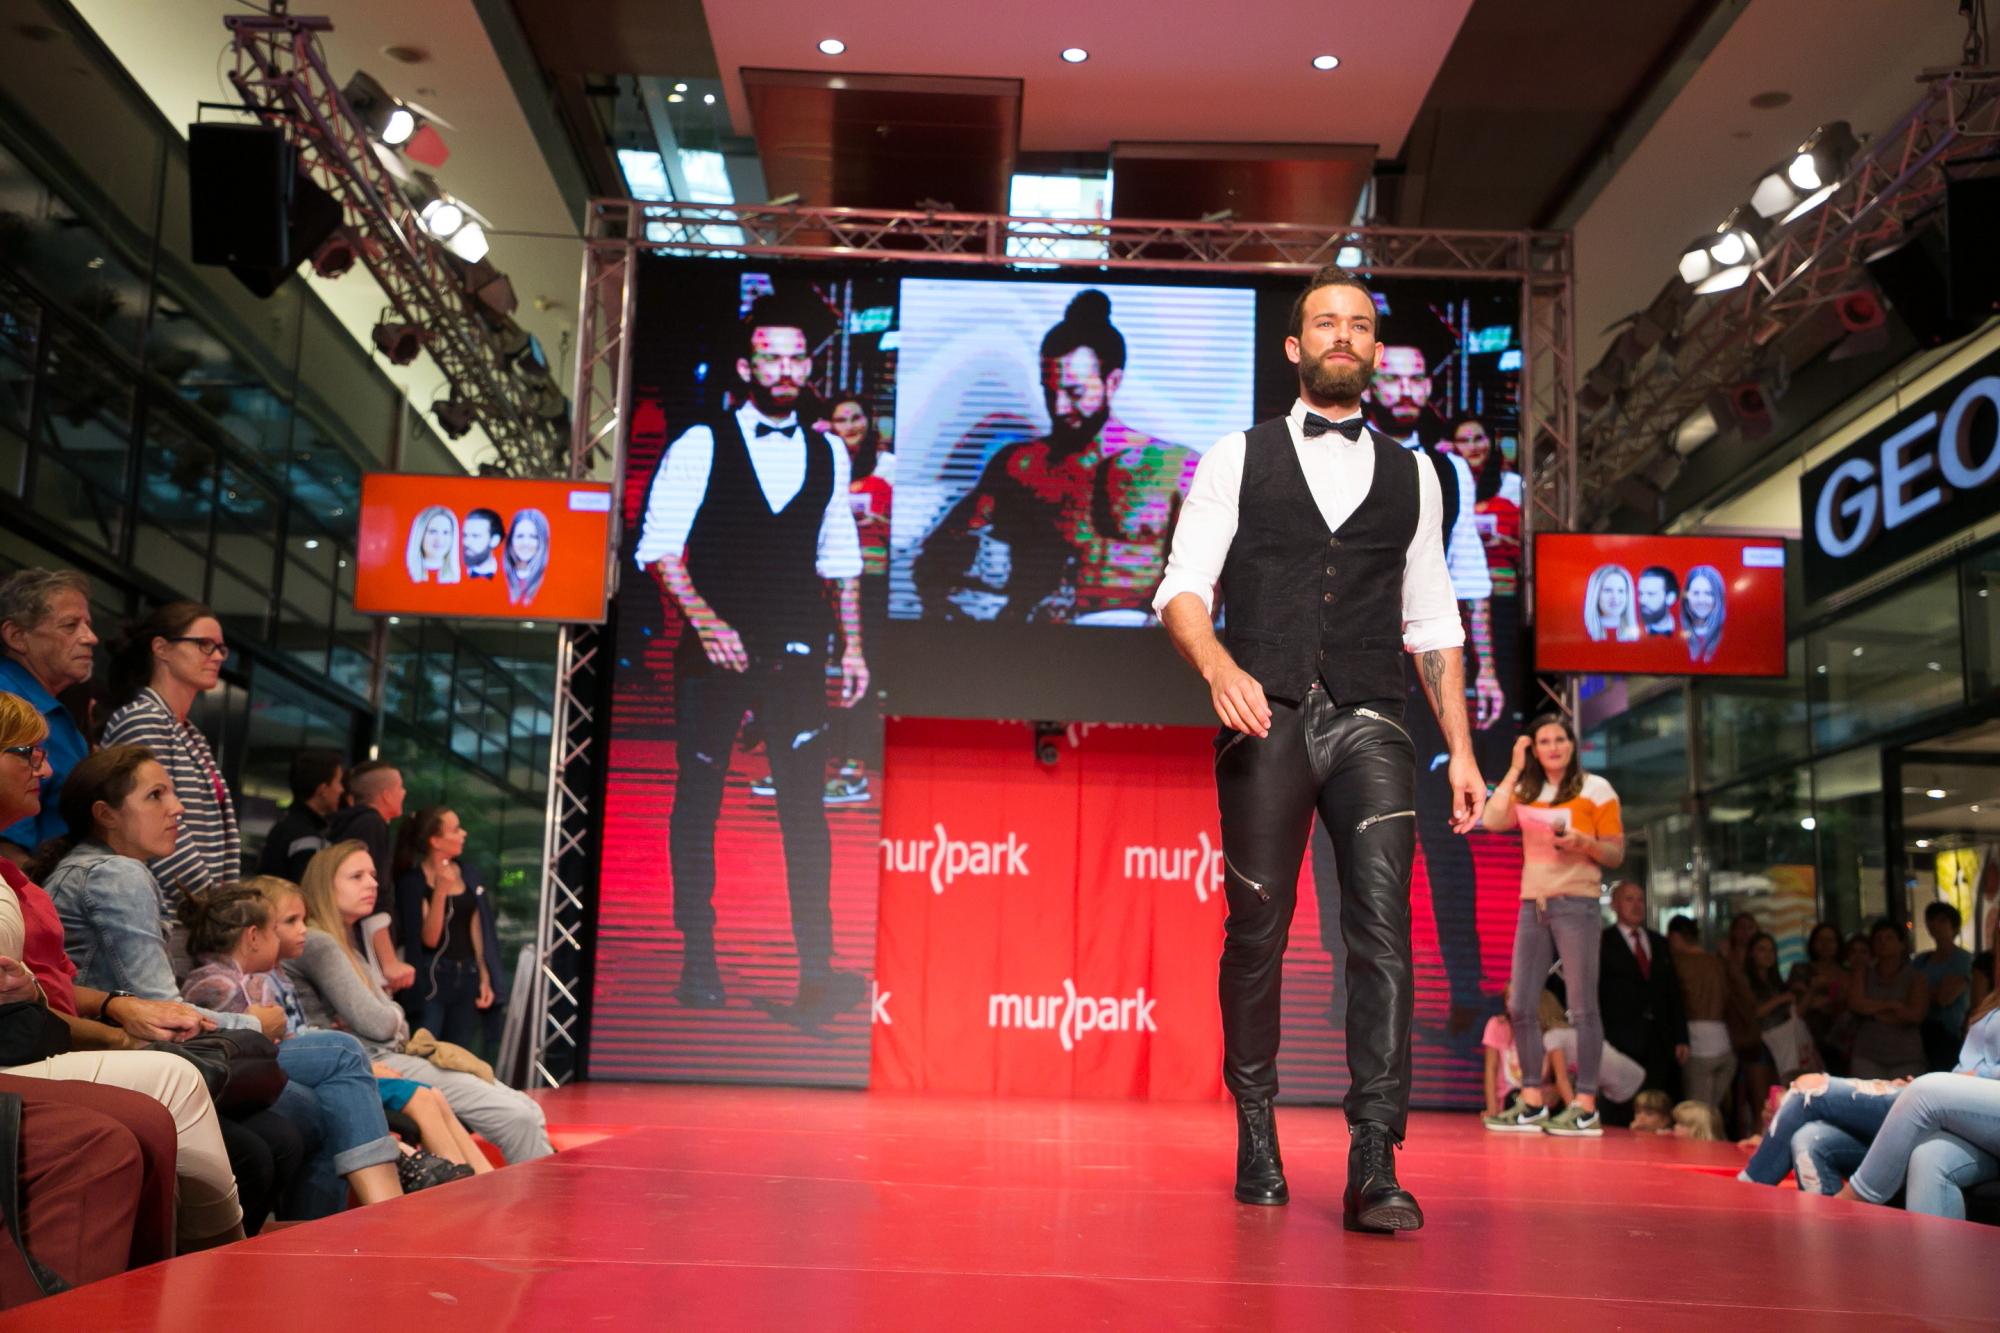 HankGe, Hank Ge, fashion blog, men blog, wien, Vienna , lifestyle Blog, menblog , Vienna blogger, wien blog , MURPARK , Fashion Show, runway, laufsteg